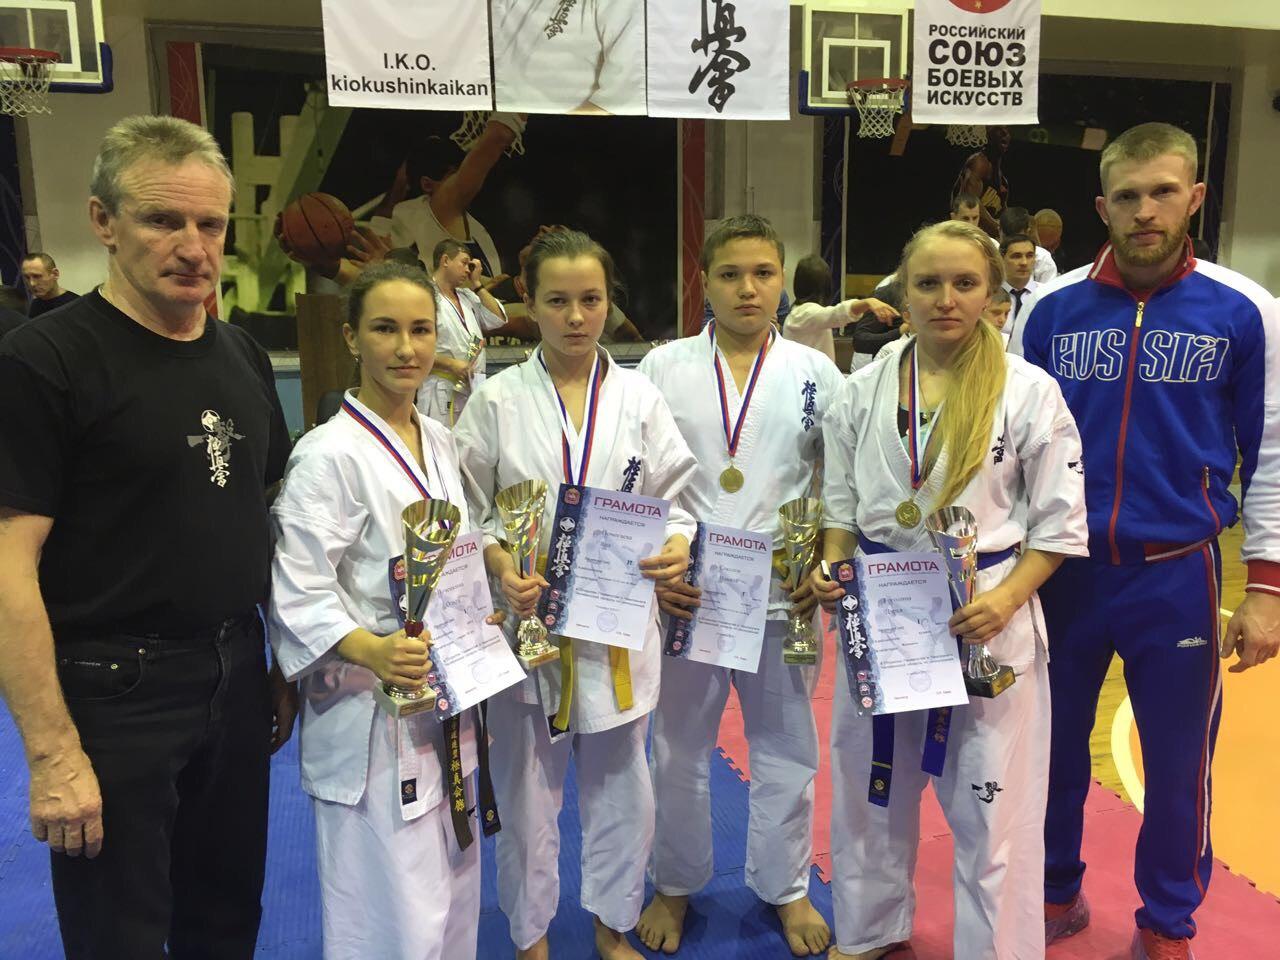 Открытое Первенство и Чемпионат Челябинской области по Киокусинкай по кумитэ и ката